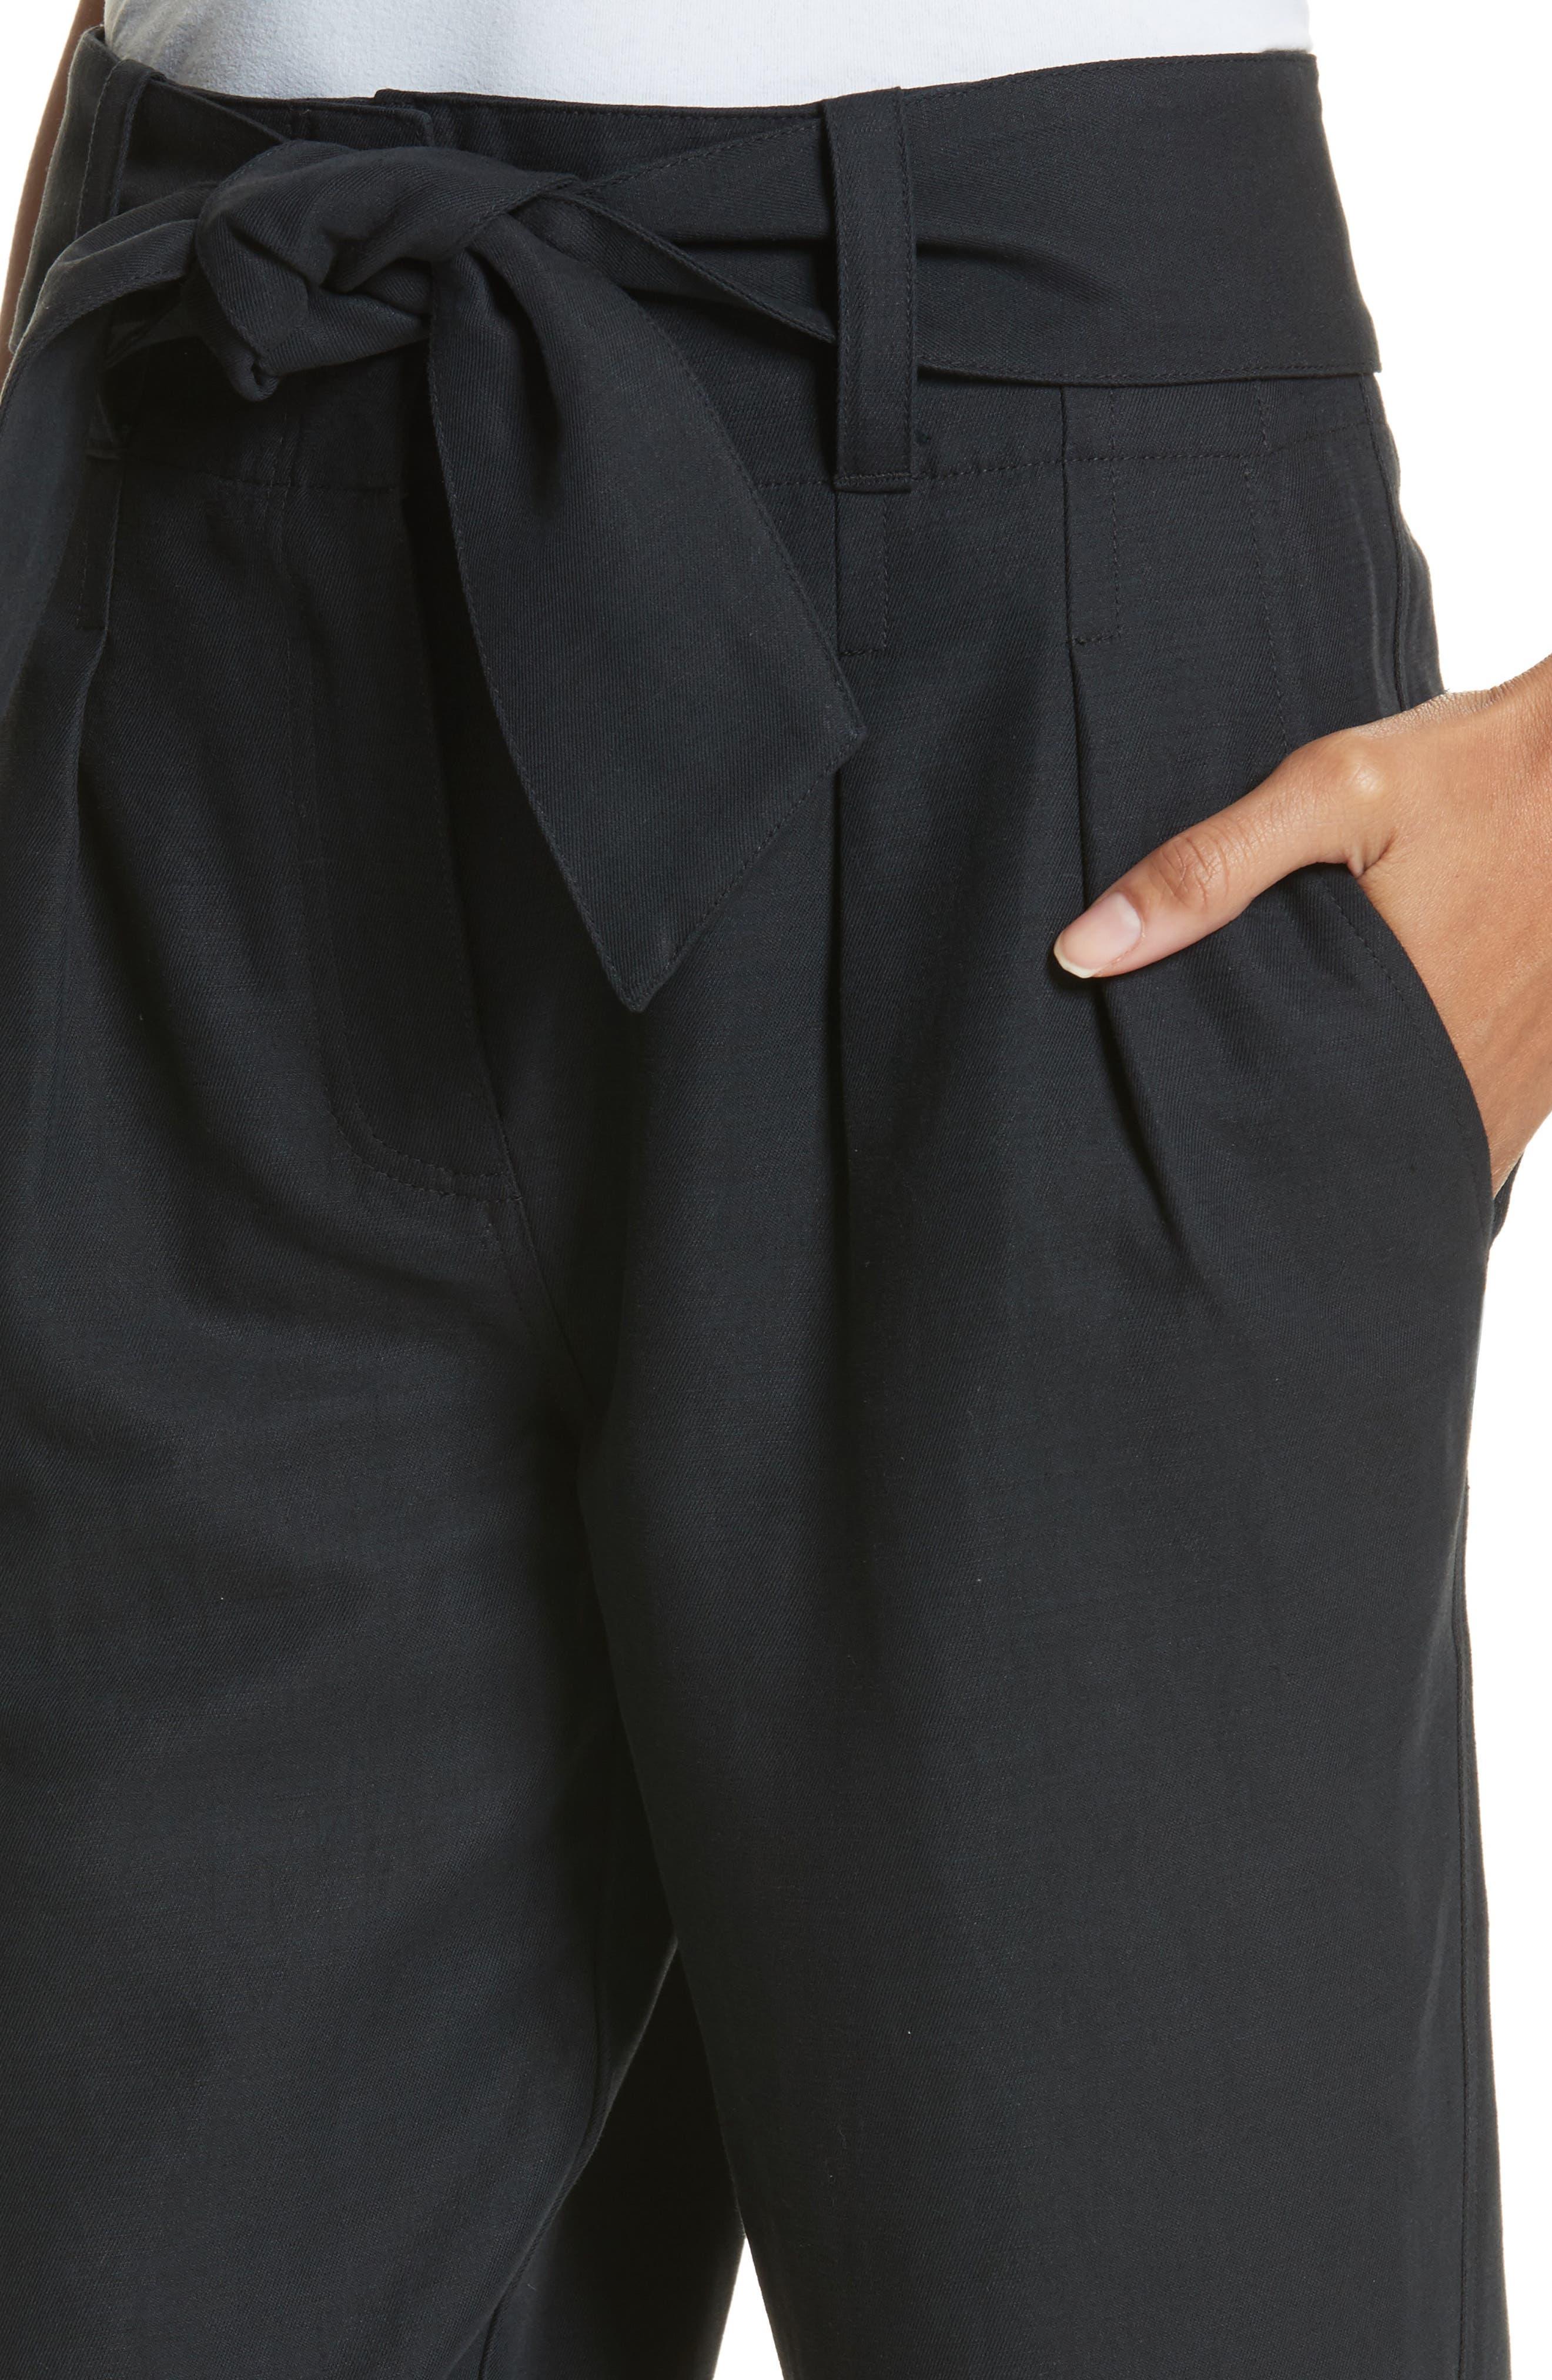 Jun Cotton & Linen Ankle Pants,                             Alternate thumbnail 4, color,                             001